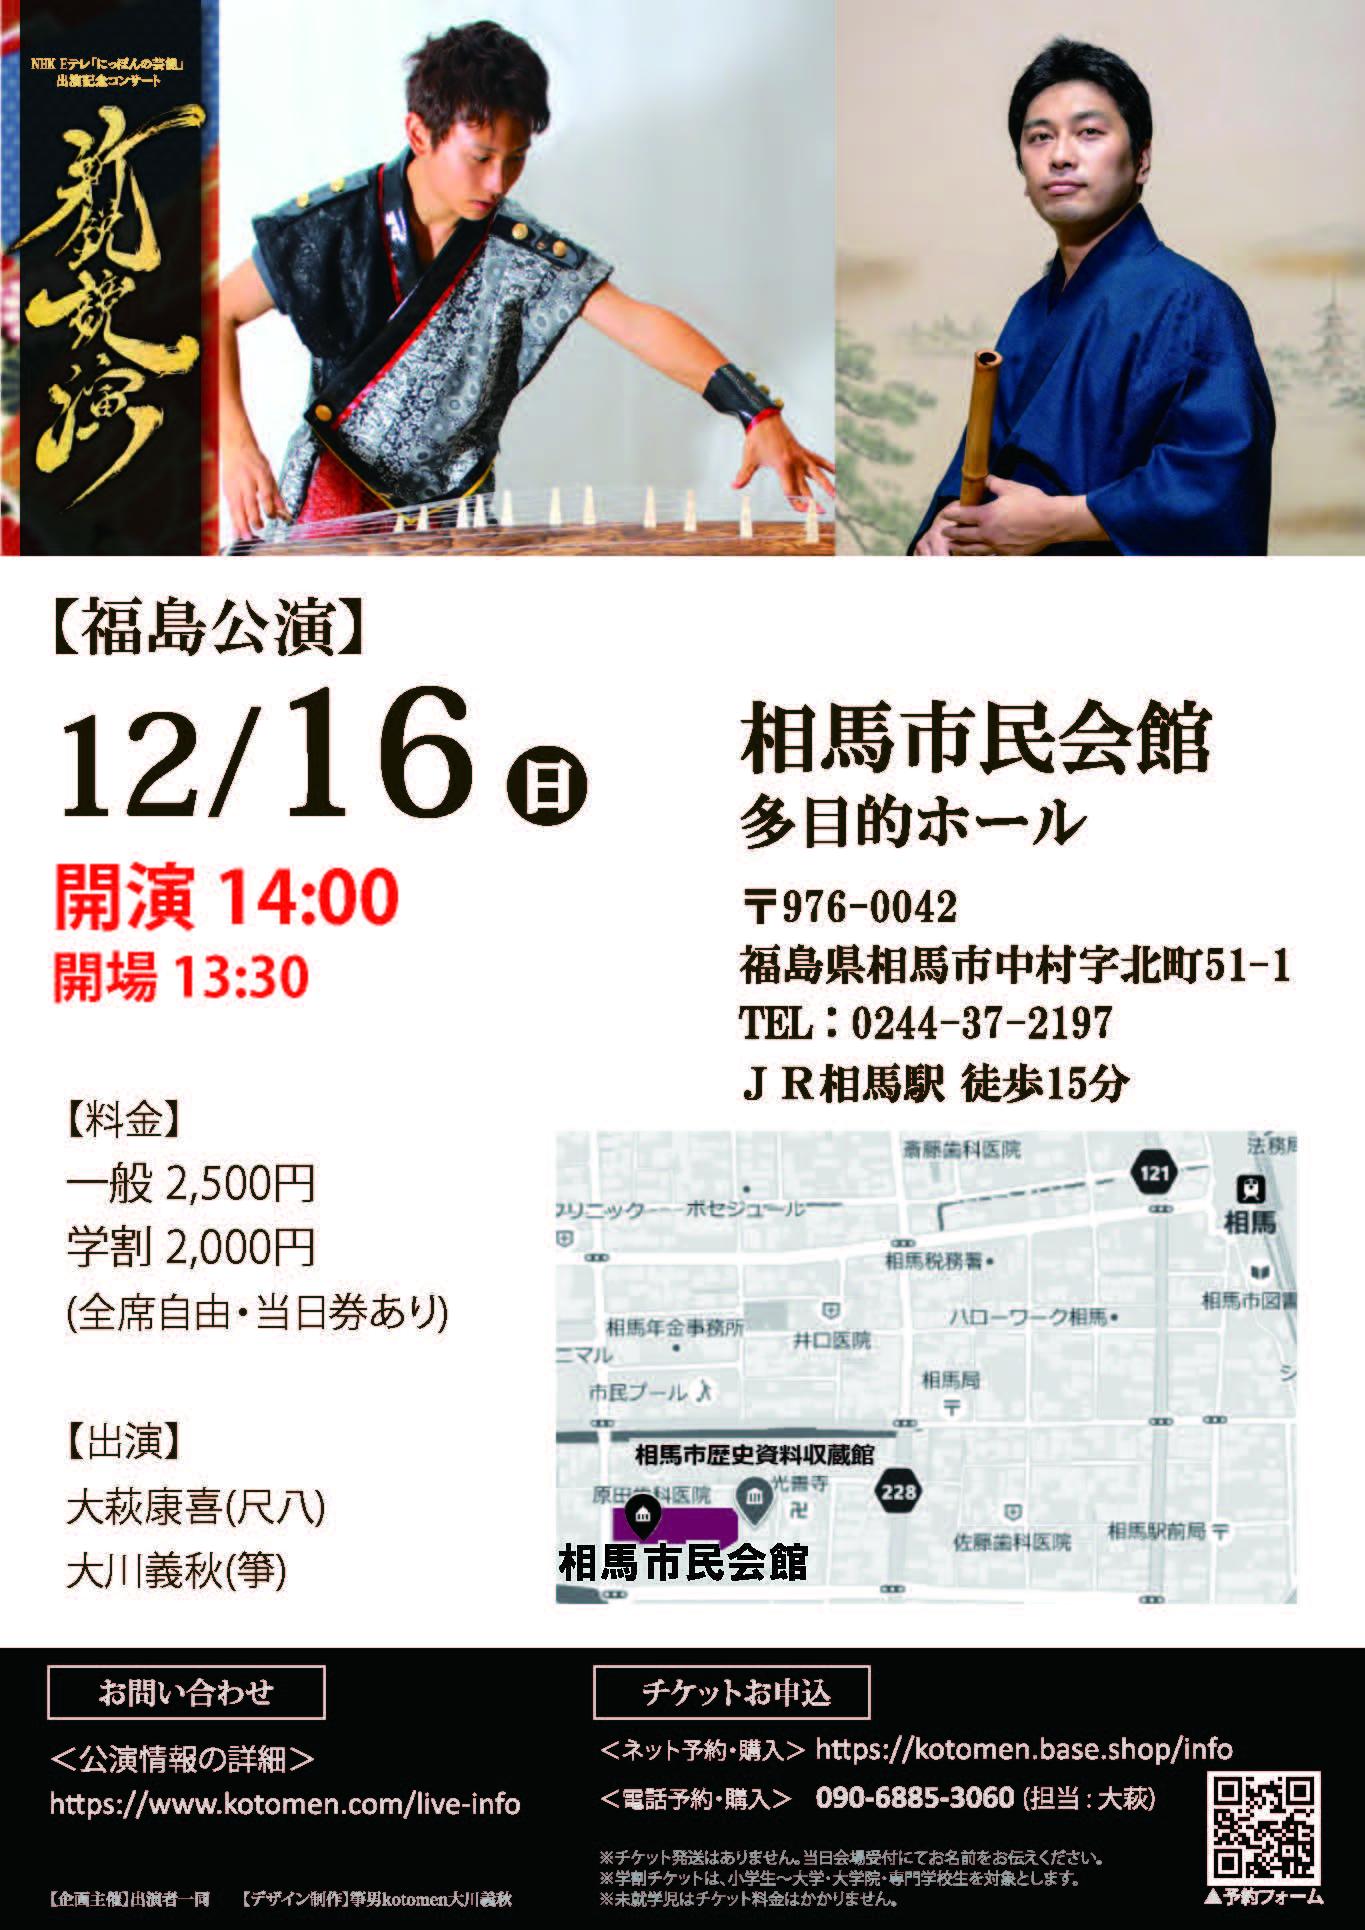 NHK Eテレ にっぽんの芸能出演記念コンサートツアー  「新鋭競演」 福島公演